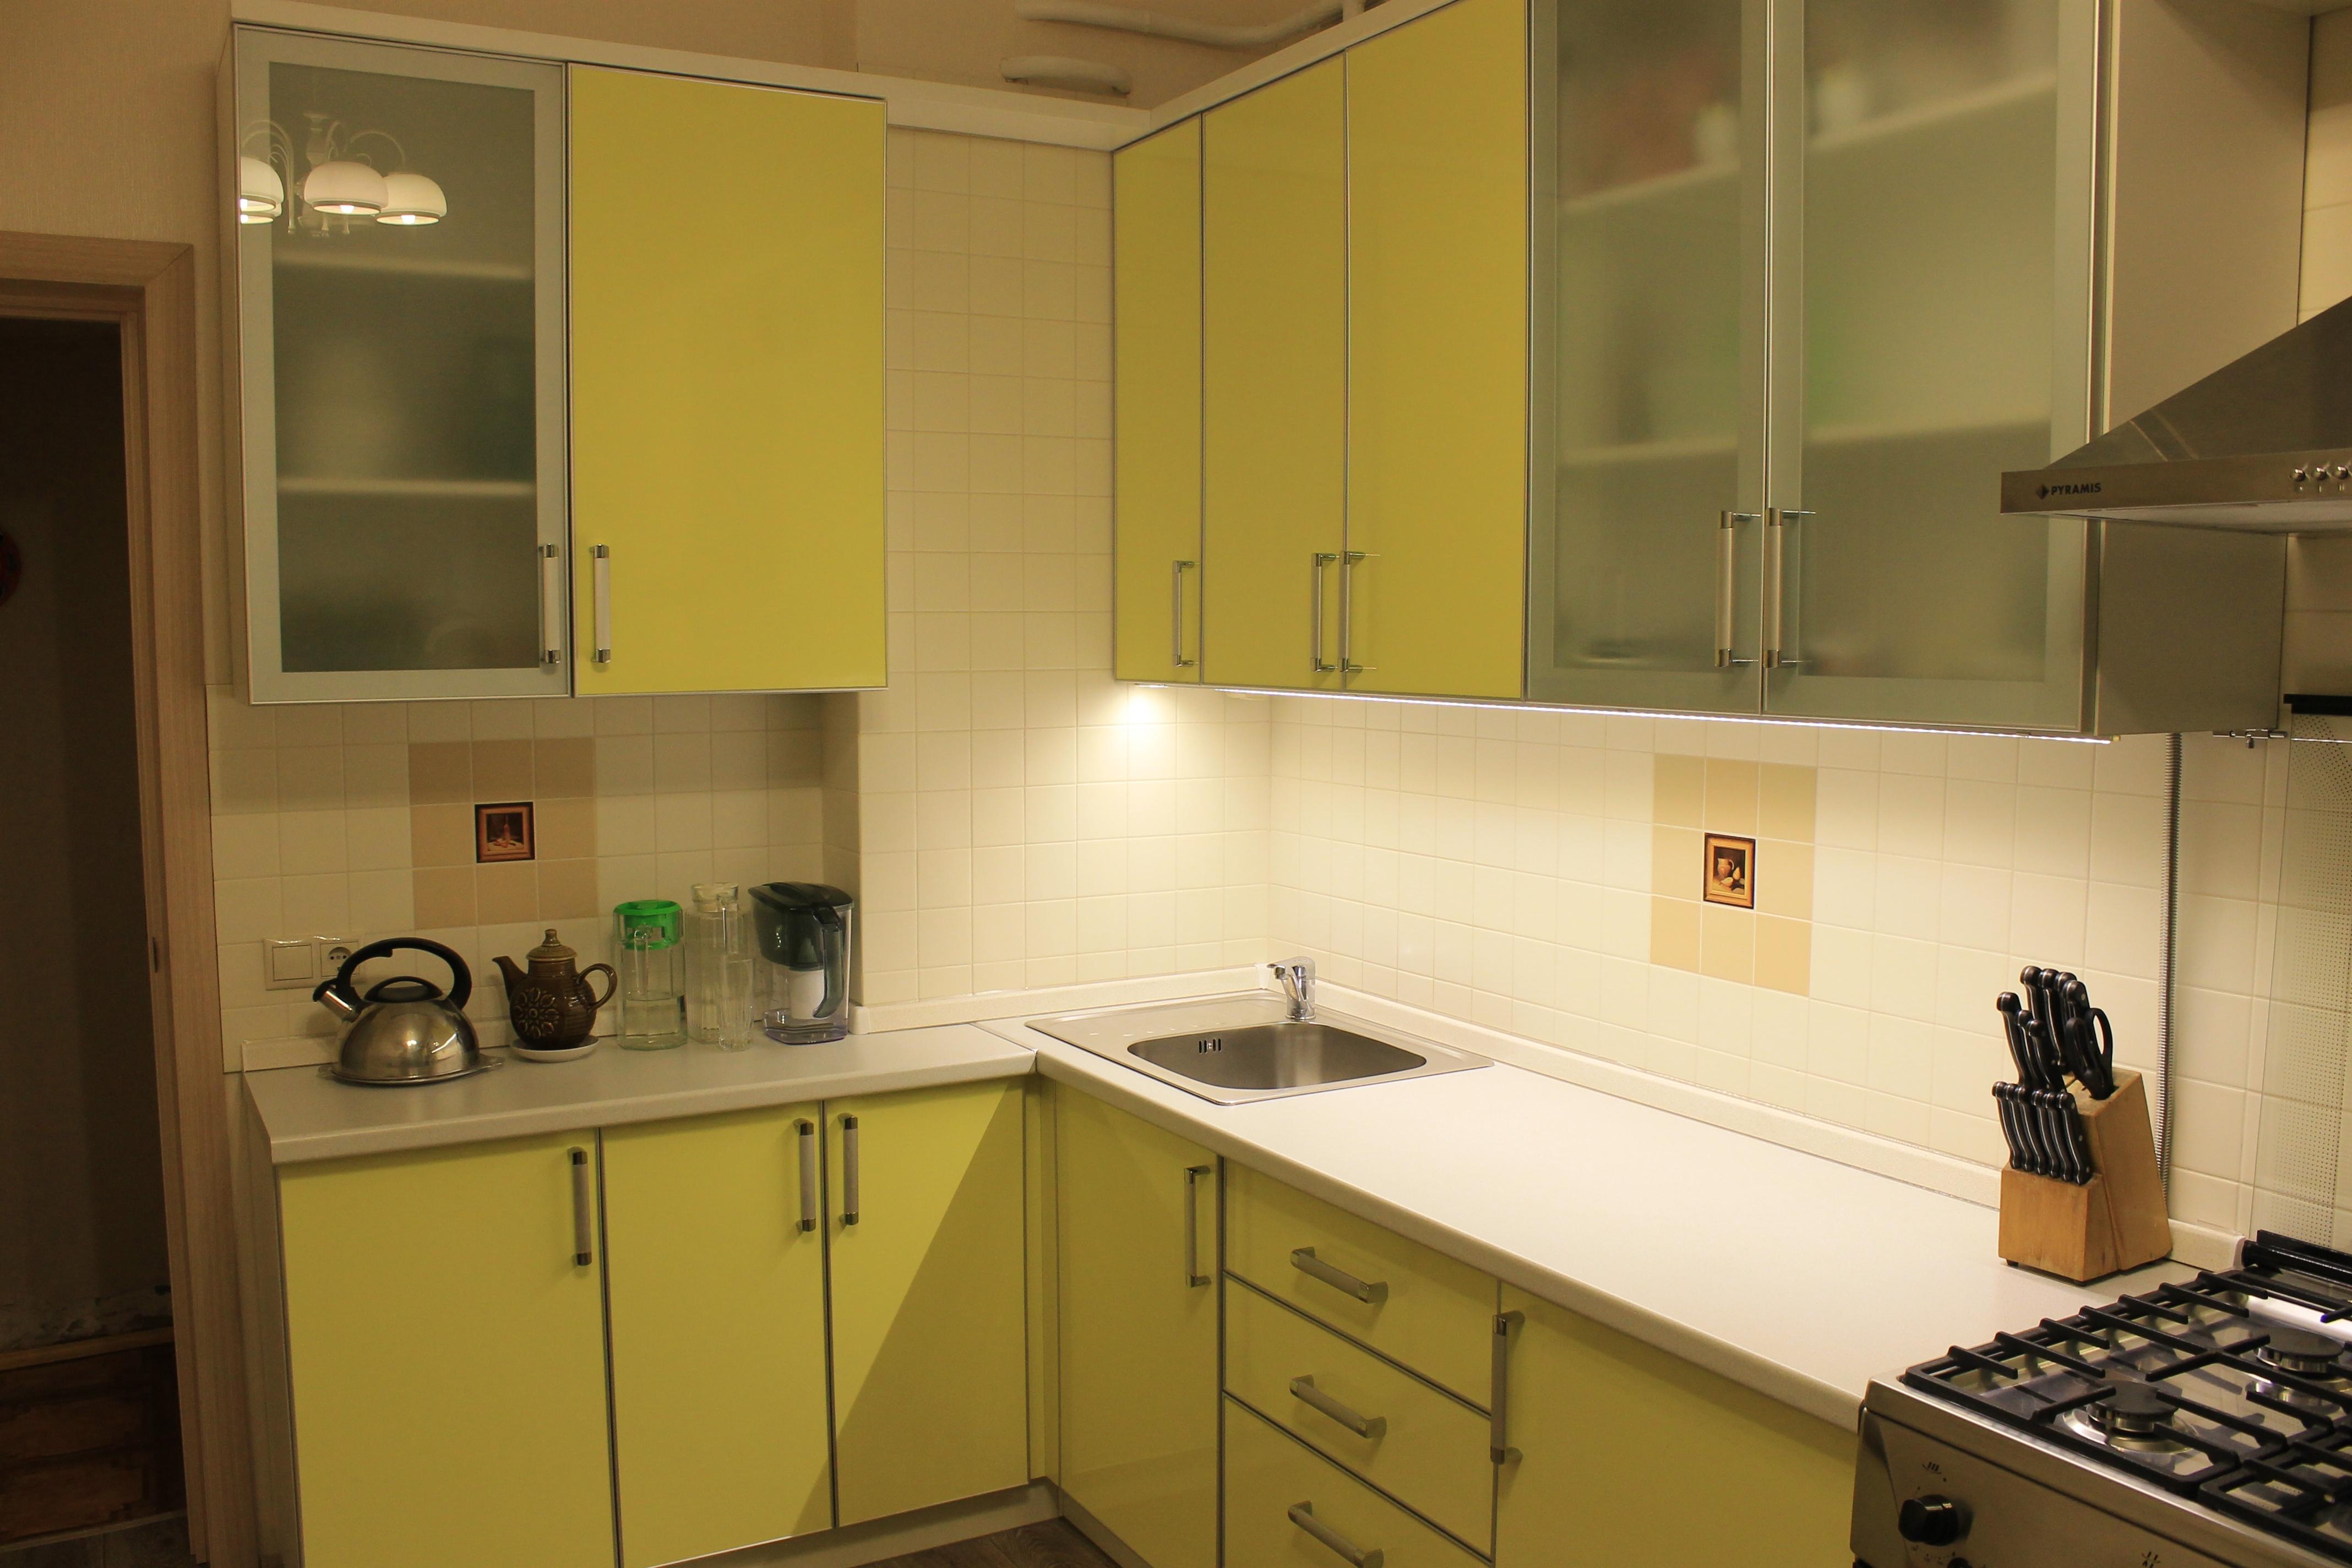 фото кухни МАМА чебоксары 100.jpg